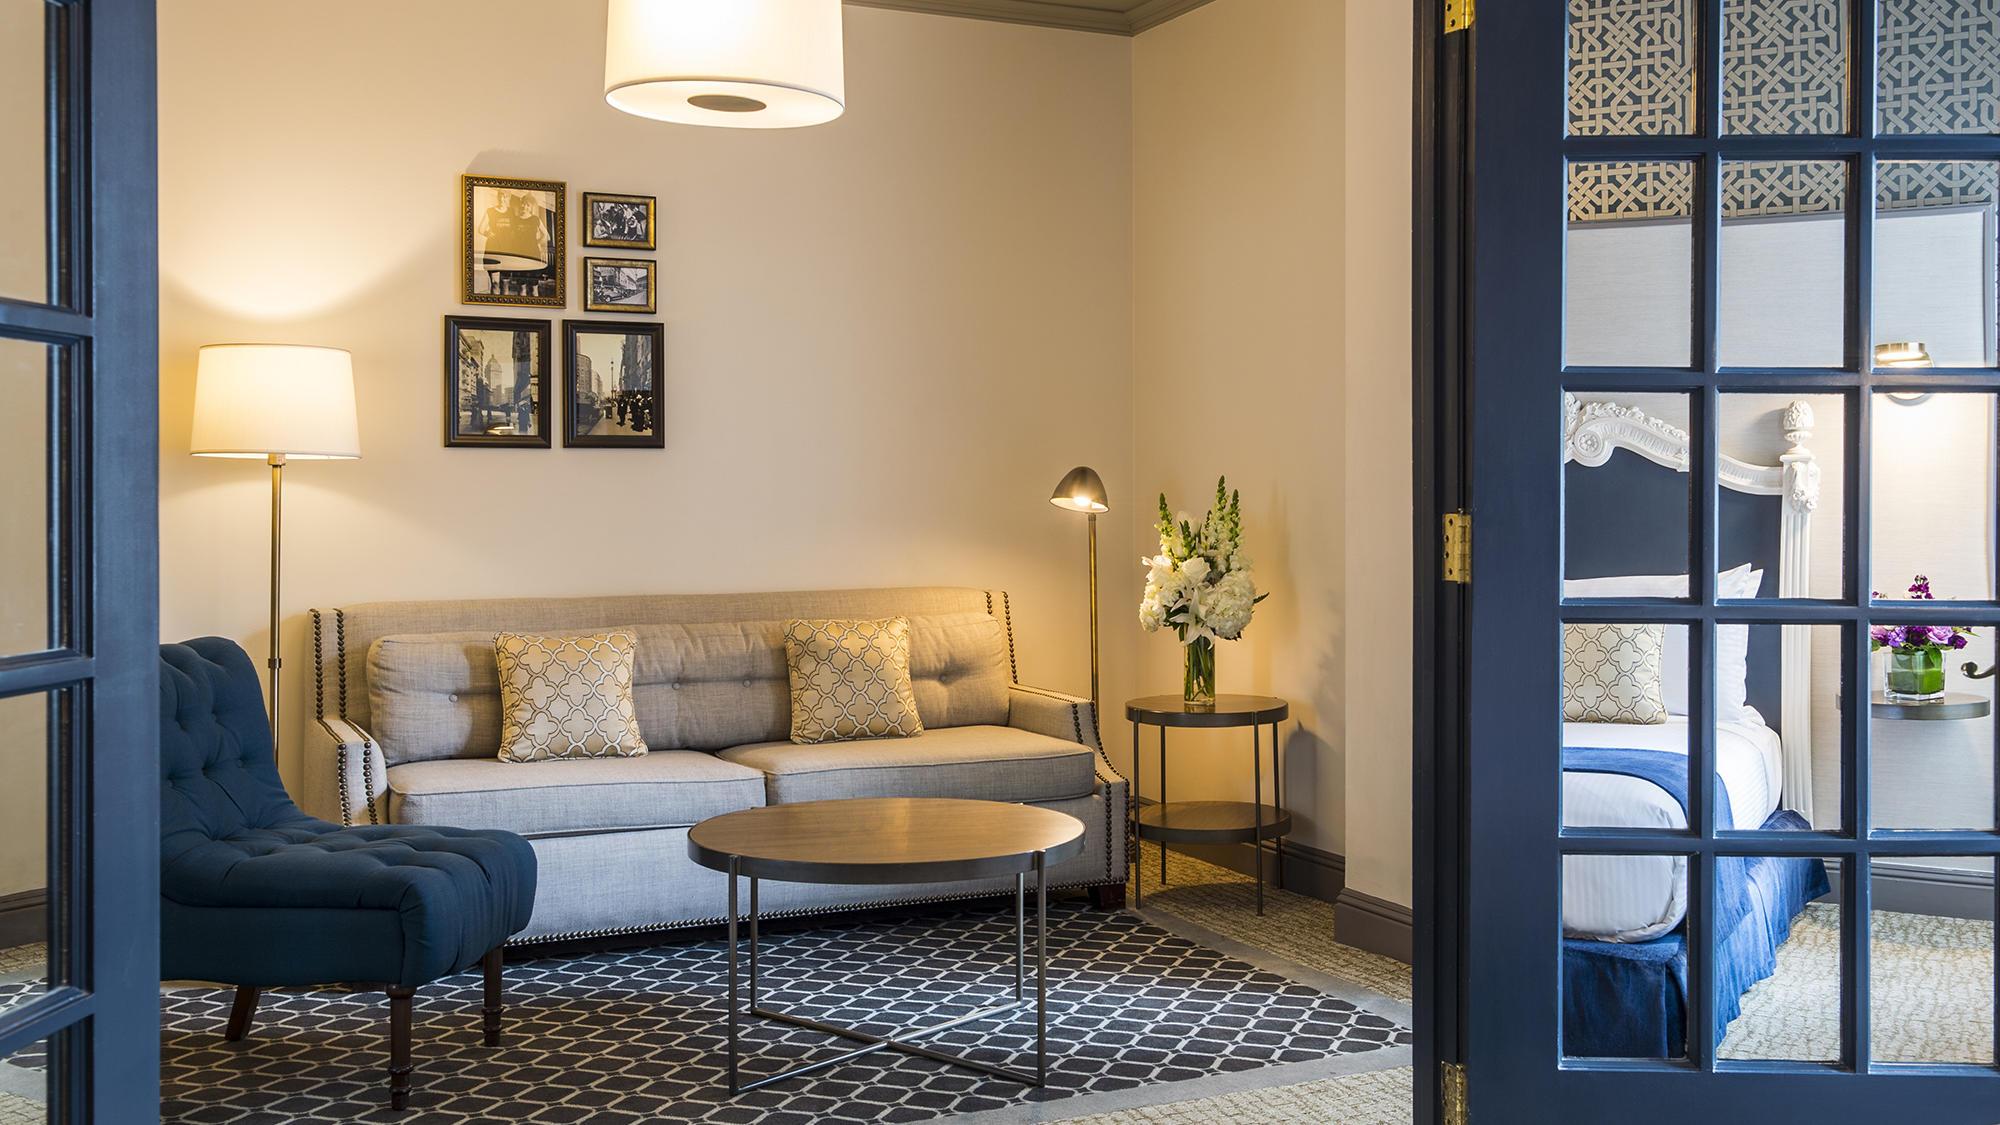 Grand Suite offer details